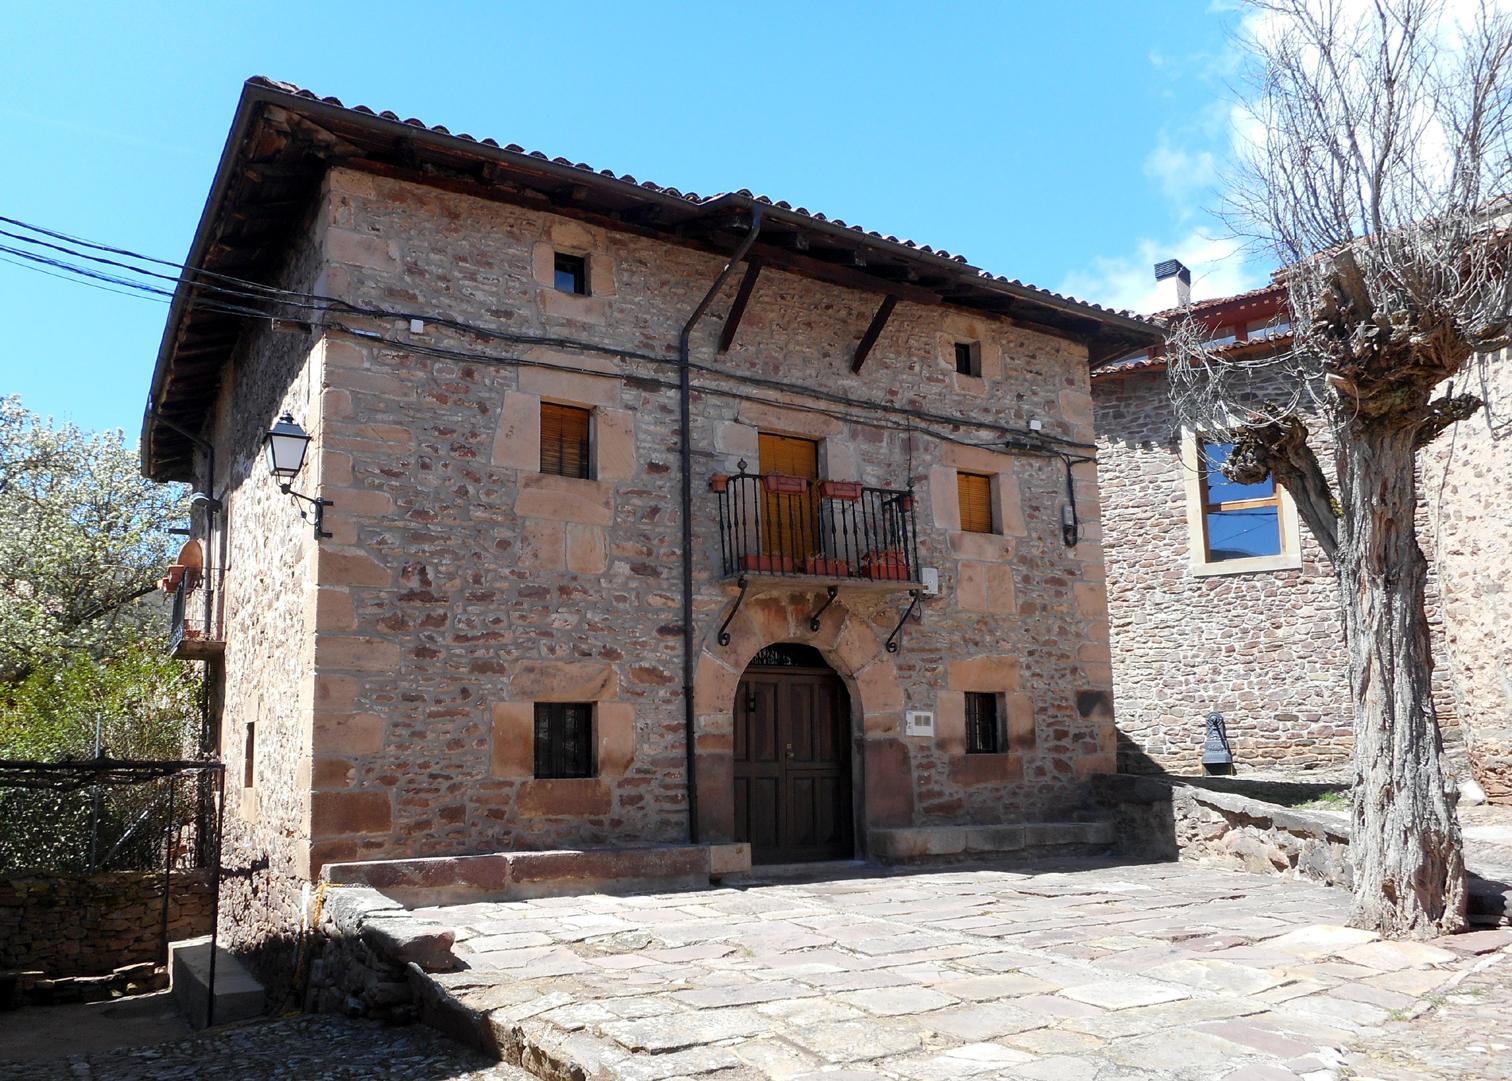 Casas solariegas en la rioja 426 viniegra de arriba - Casas prefabricadas la rioja ...